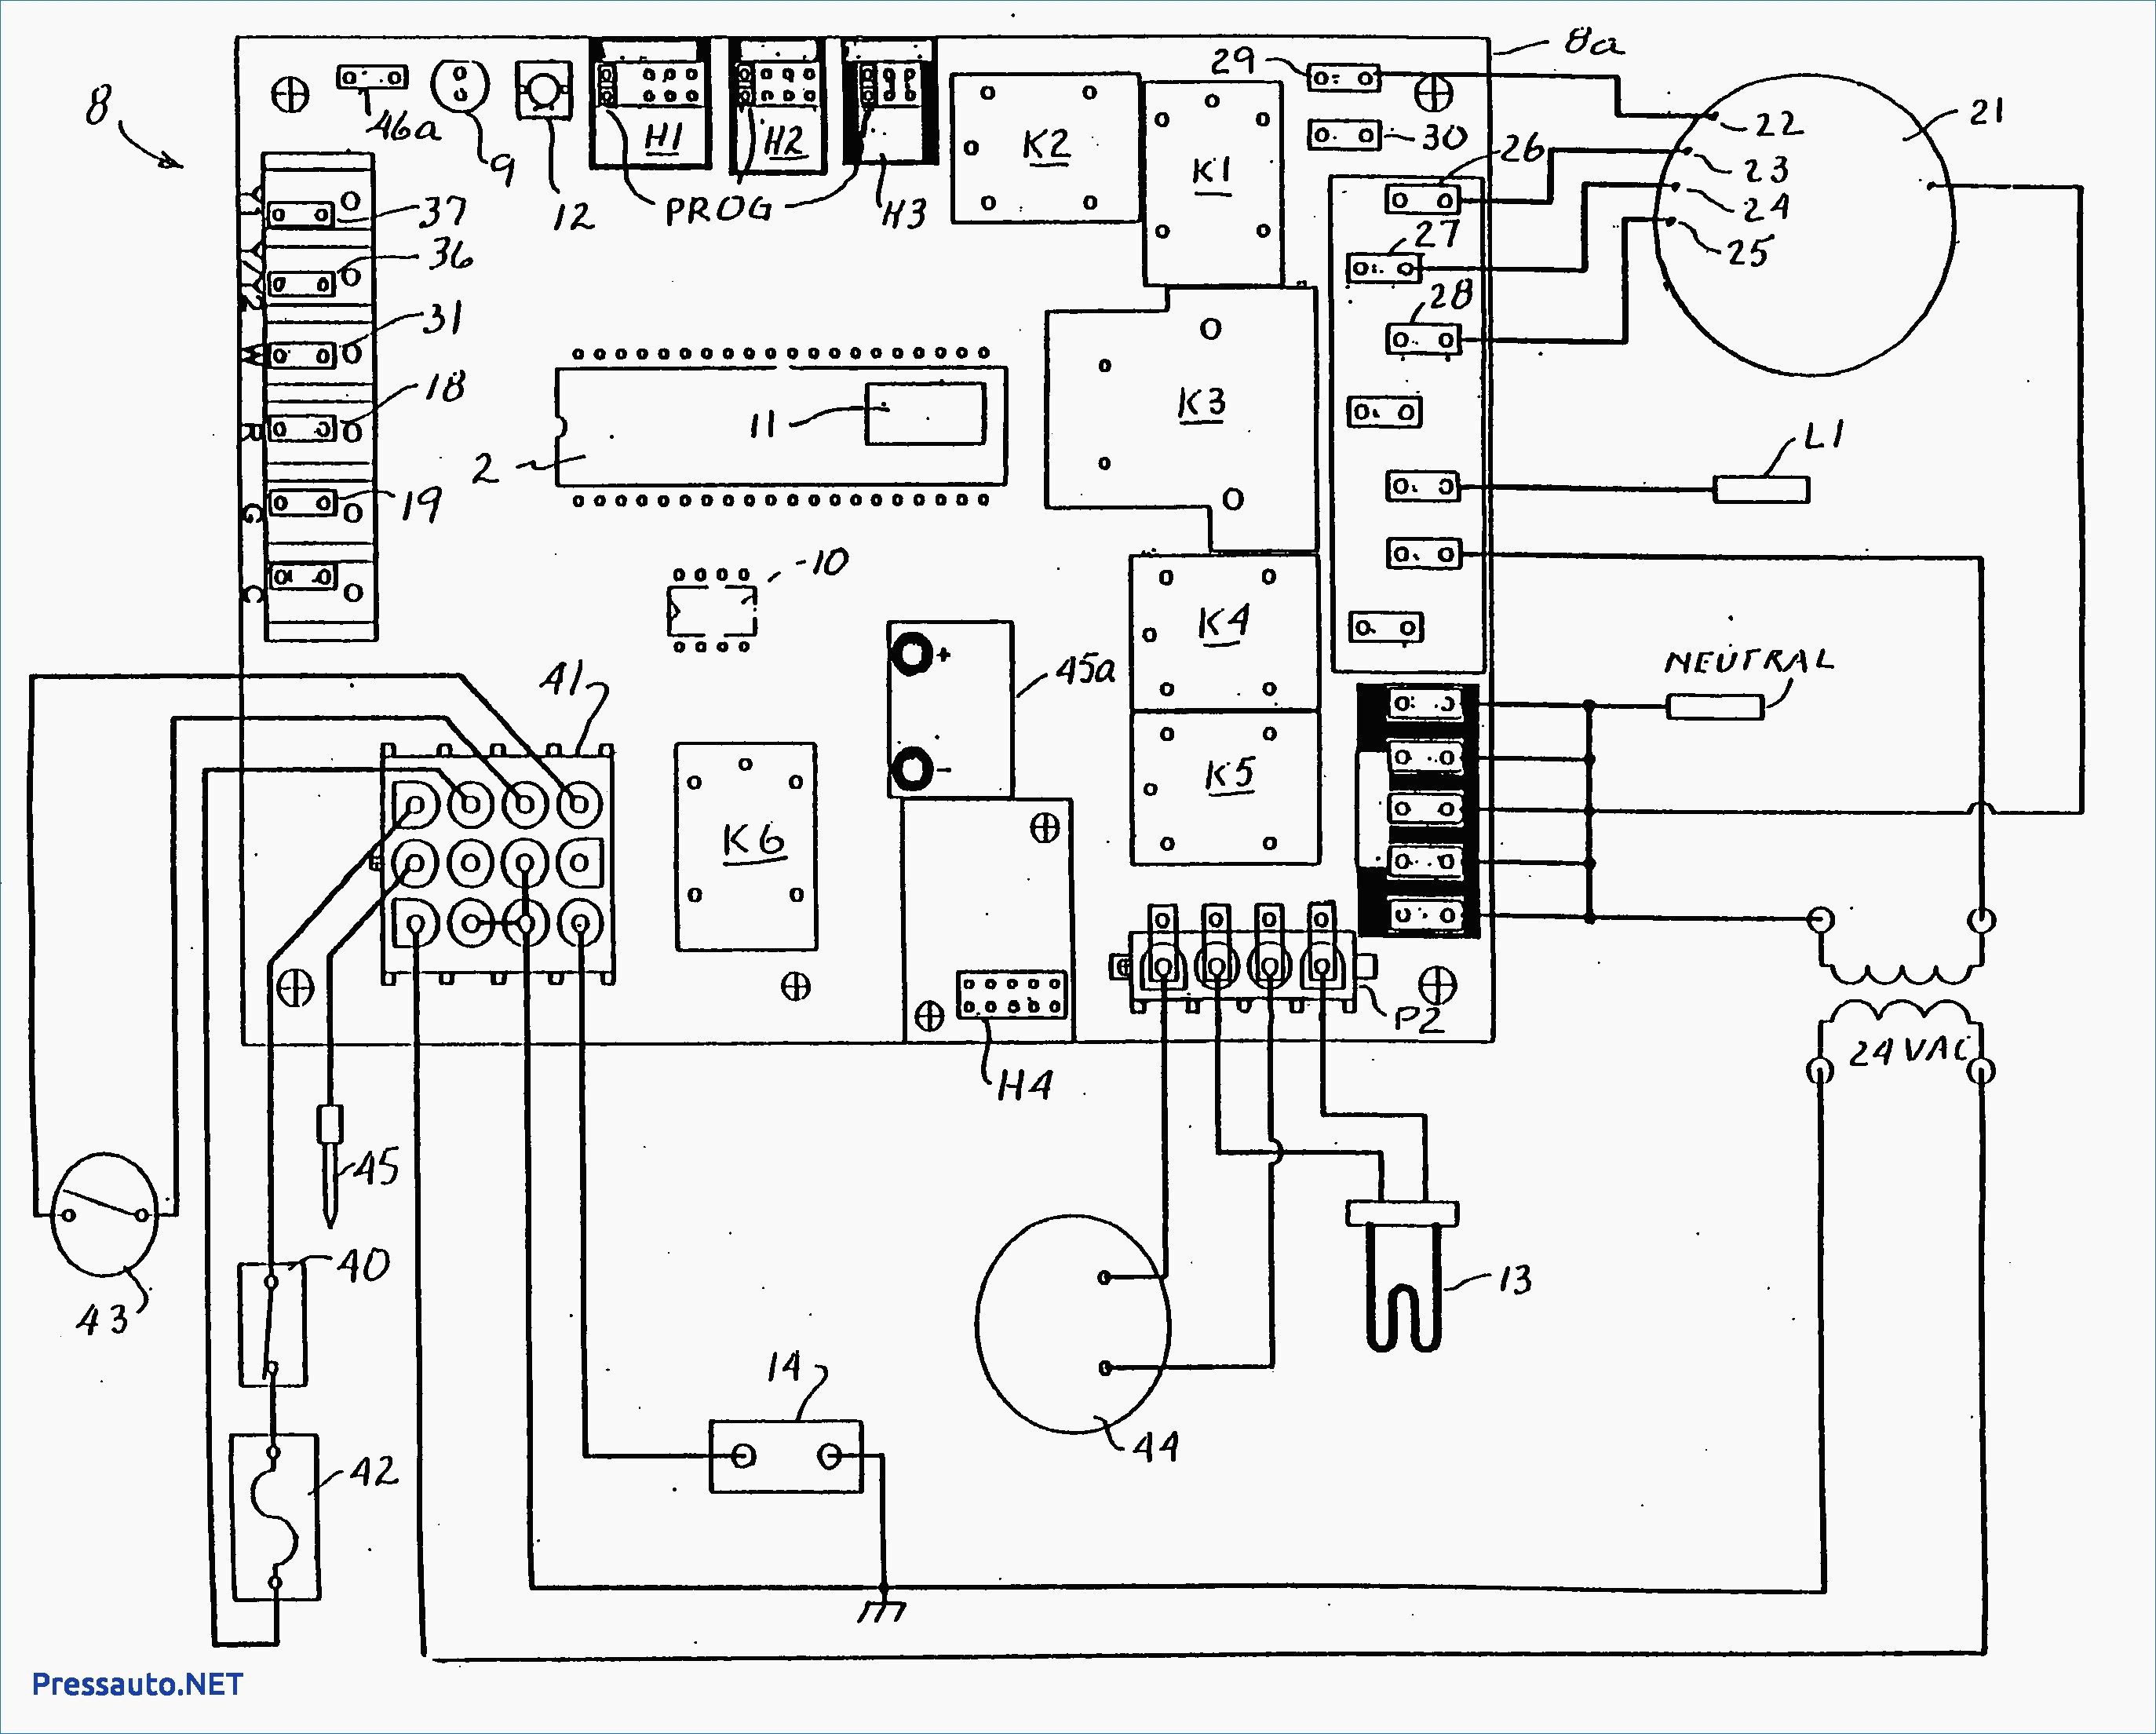 MD_5555] Bryant Wiring Diagram Schematic WiringHone Endut Blikvitt Librar Wiring 101